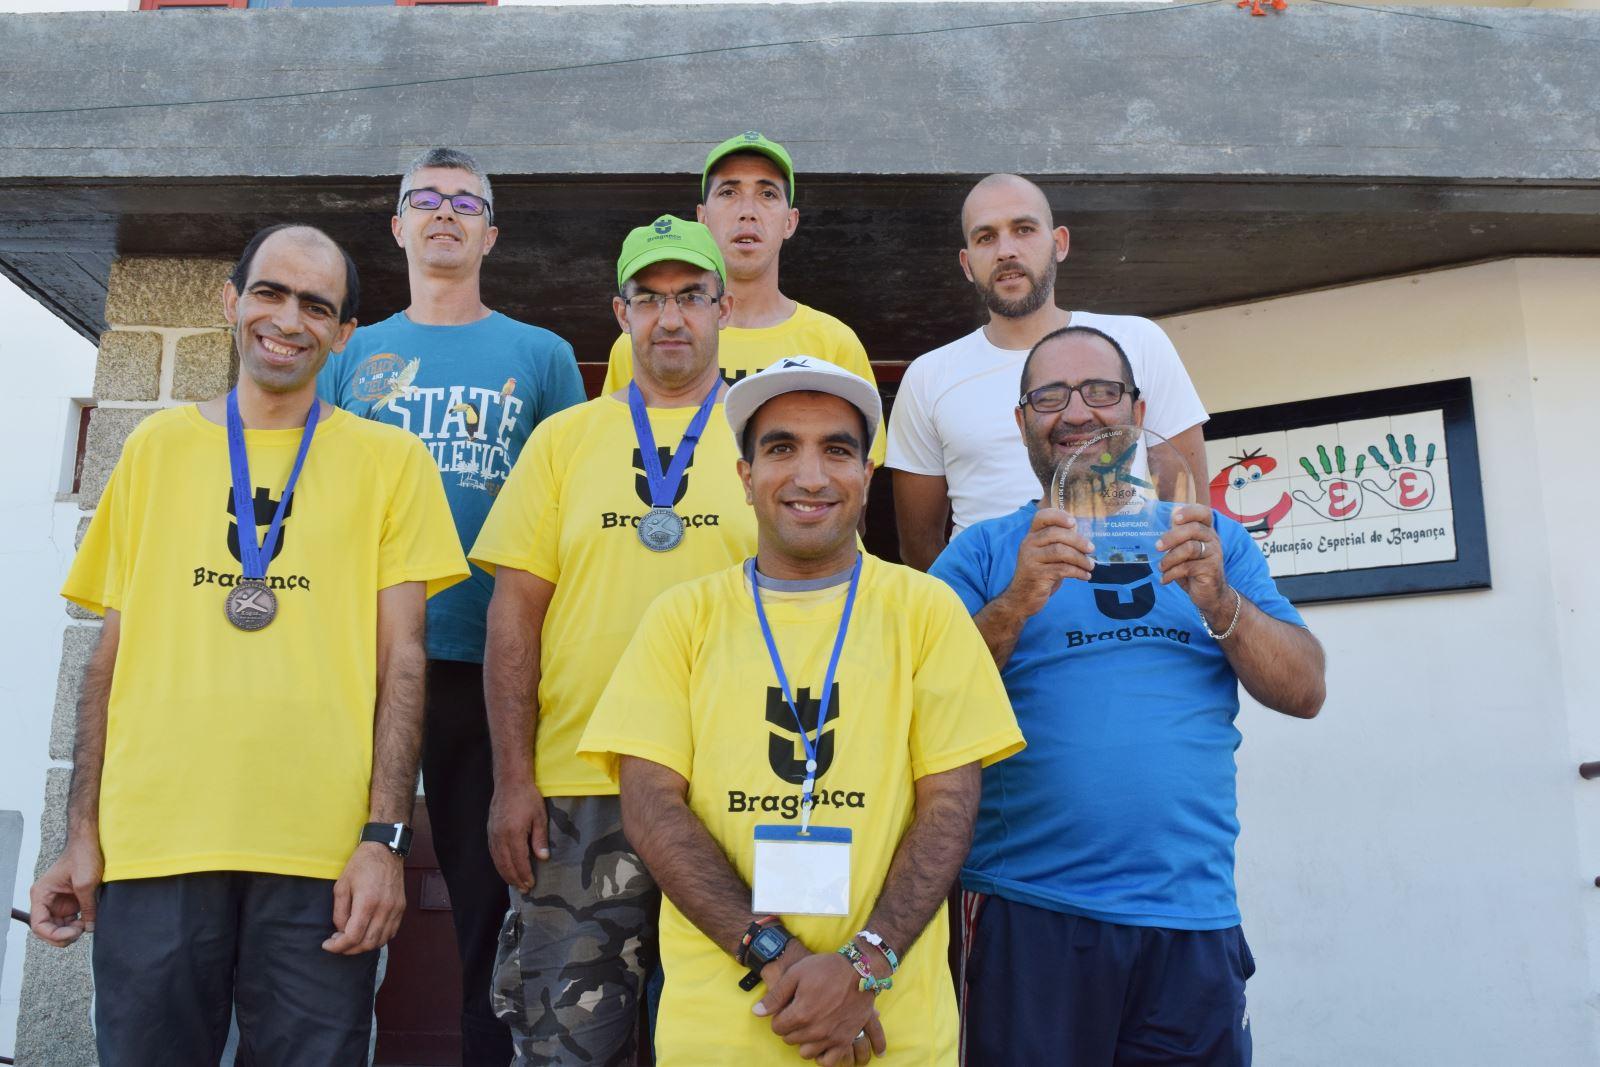 Bragança | Medalhas para utentes do Centro de Educação Especial